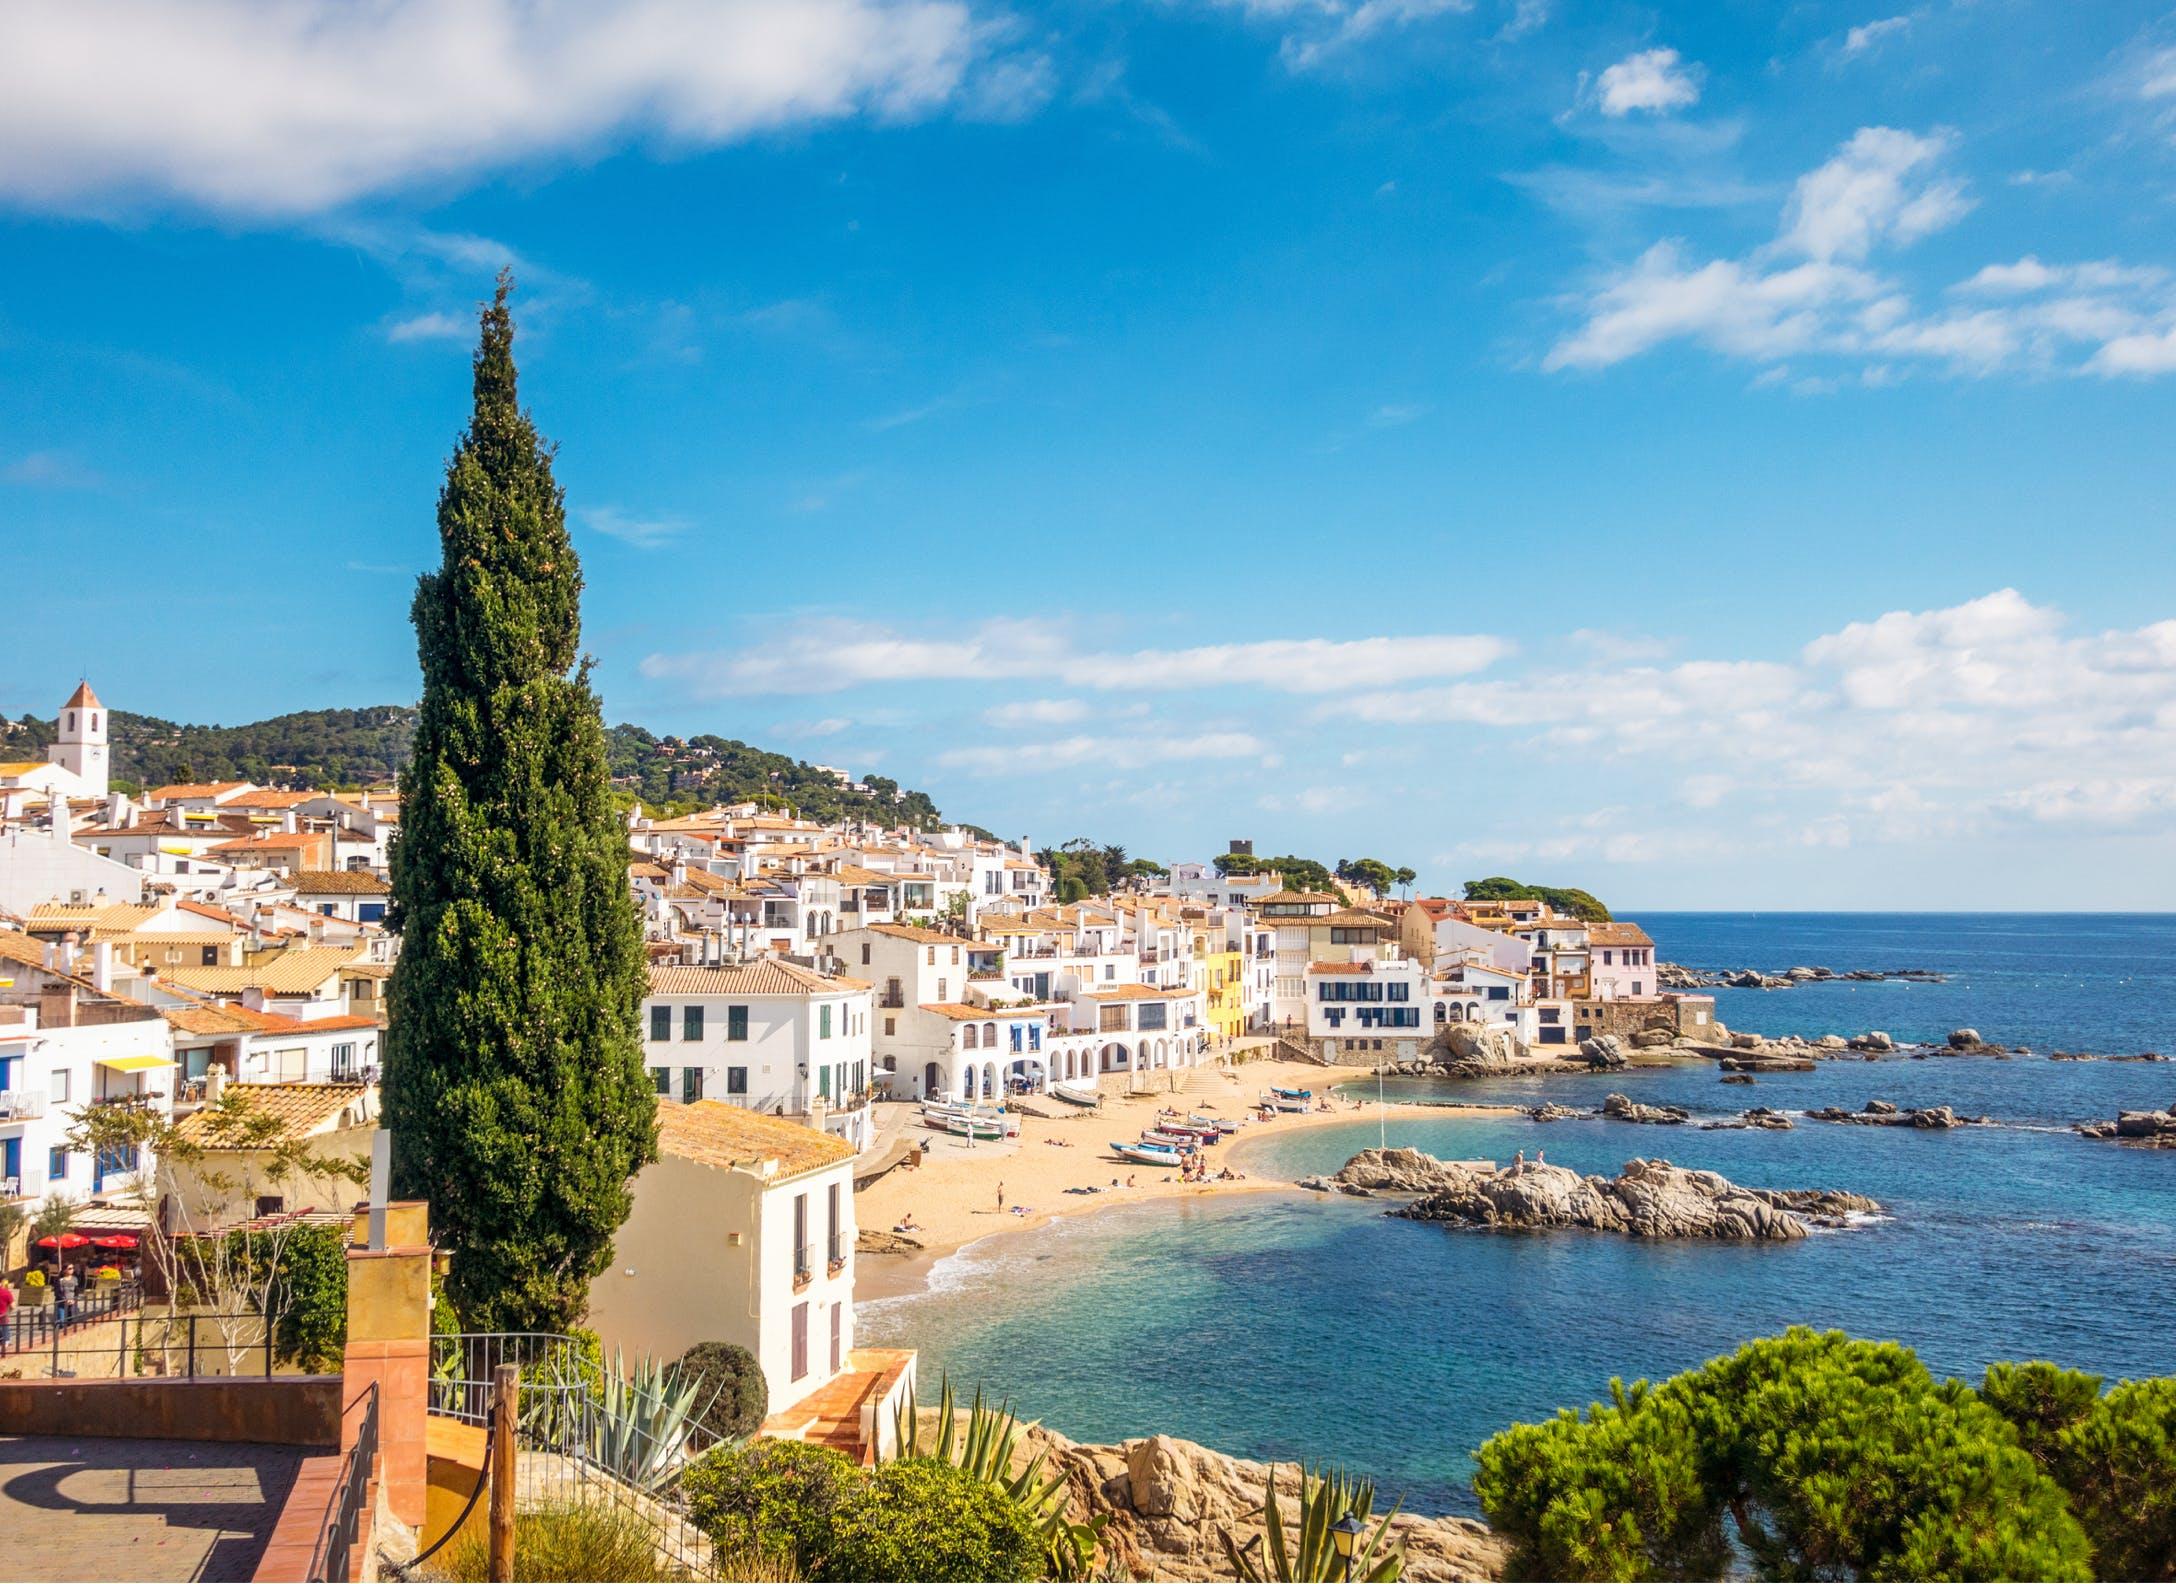 Girona Image